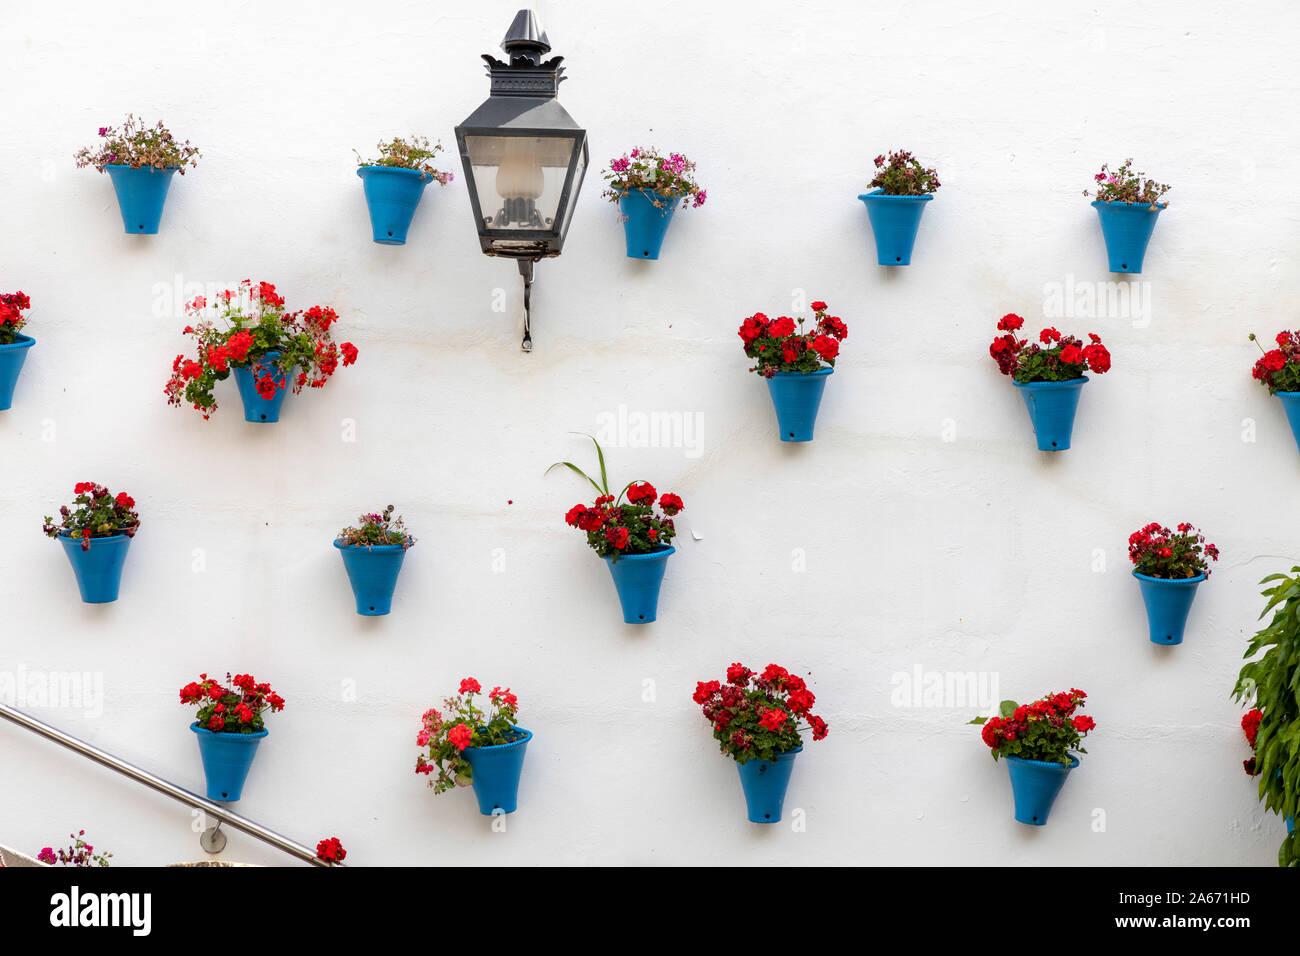 Una pared decorada con flores y jarrones azules, Córdoba, Andalucía, España. Foto de stock